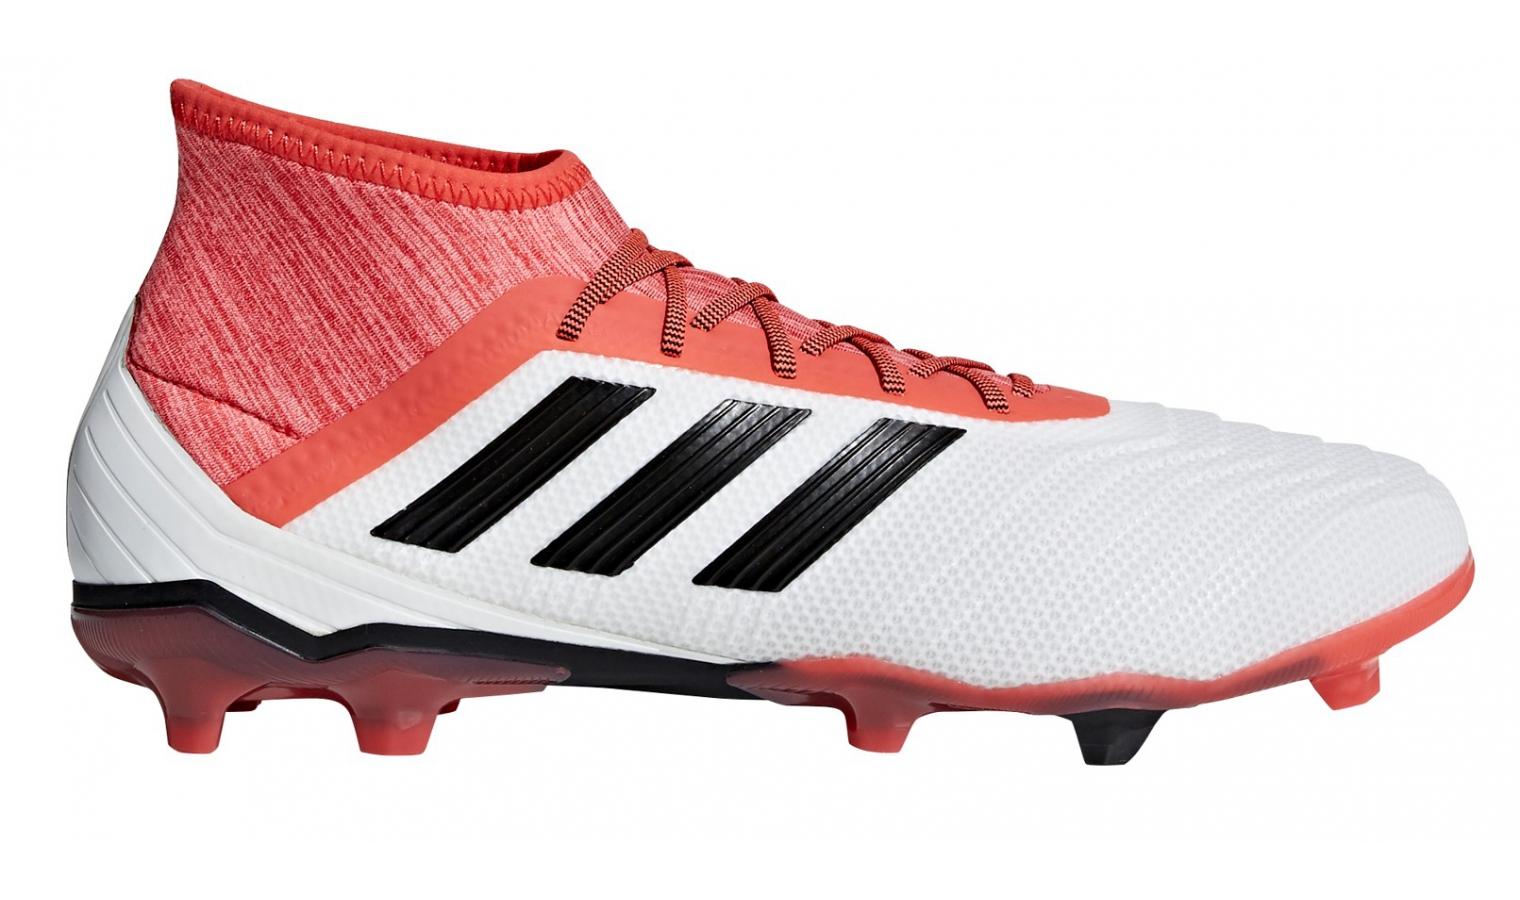 separation shoes 227a5 a4c48 ... Kopačky lisovky adidas PREDATOR 18.2 FG bílé. 0 Kč Sleva